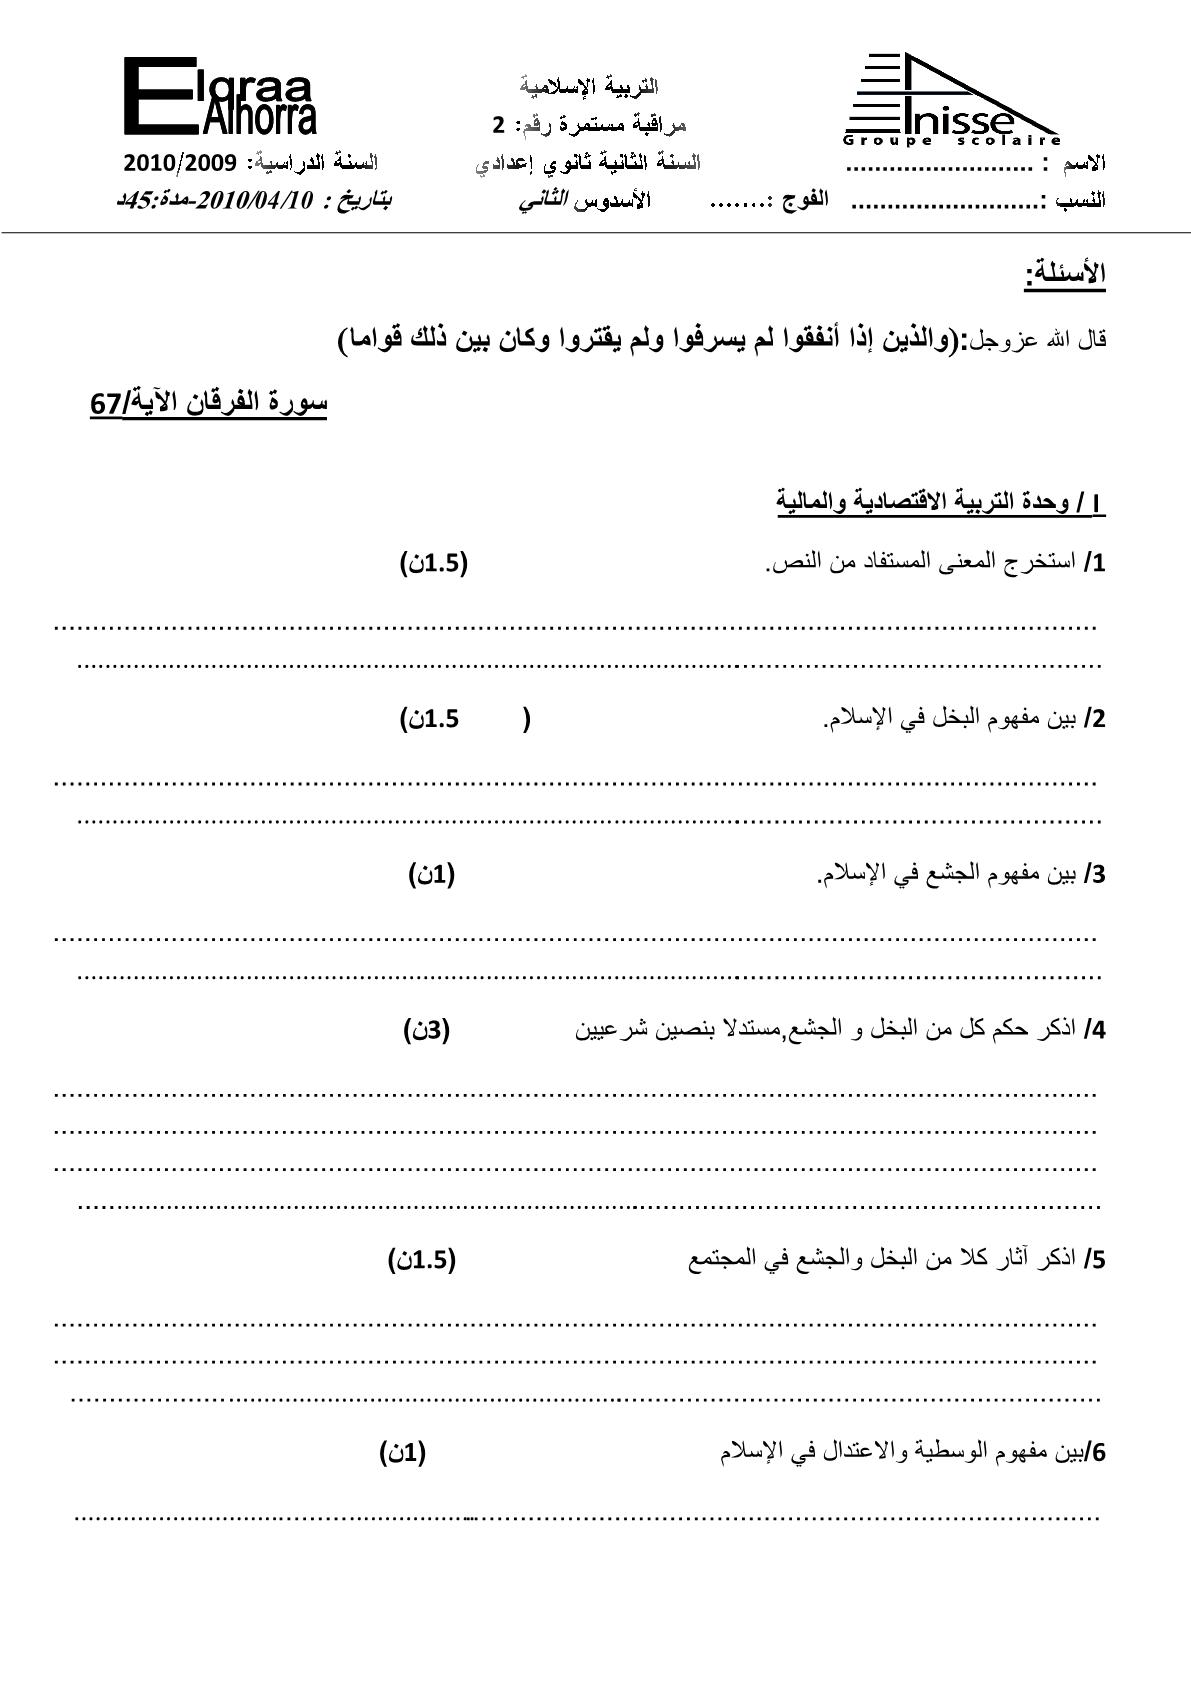 فرض محروس رقم 2 بمادة التربية الإسلامية الدورة الثانية السنة الثانية إعدادي